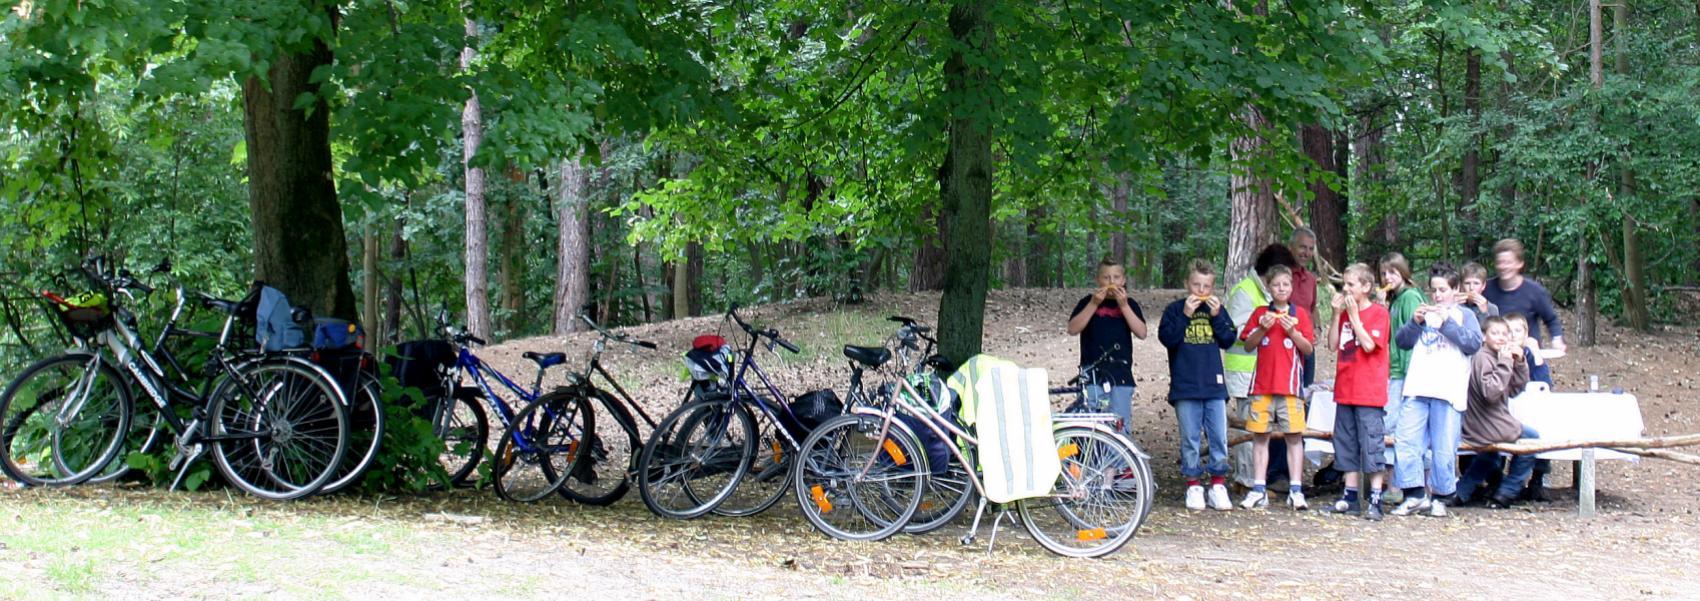 groep picknickende kinderen bij hun fietsen